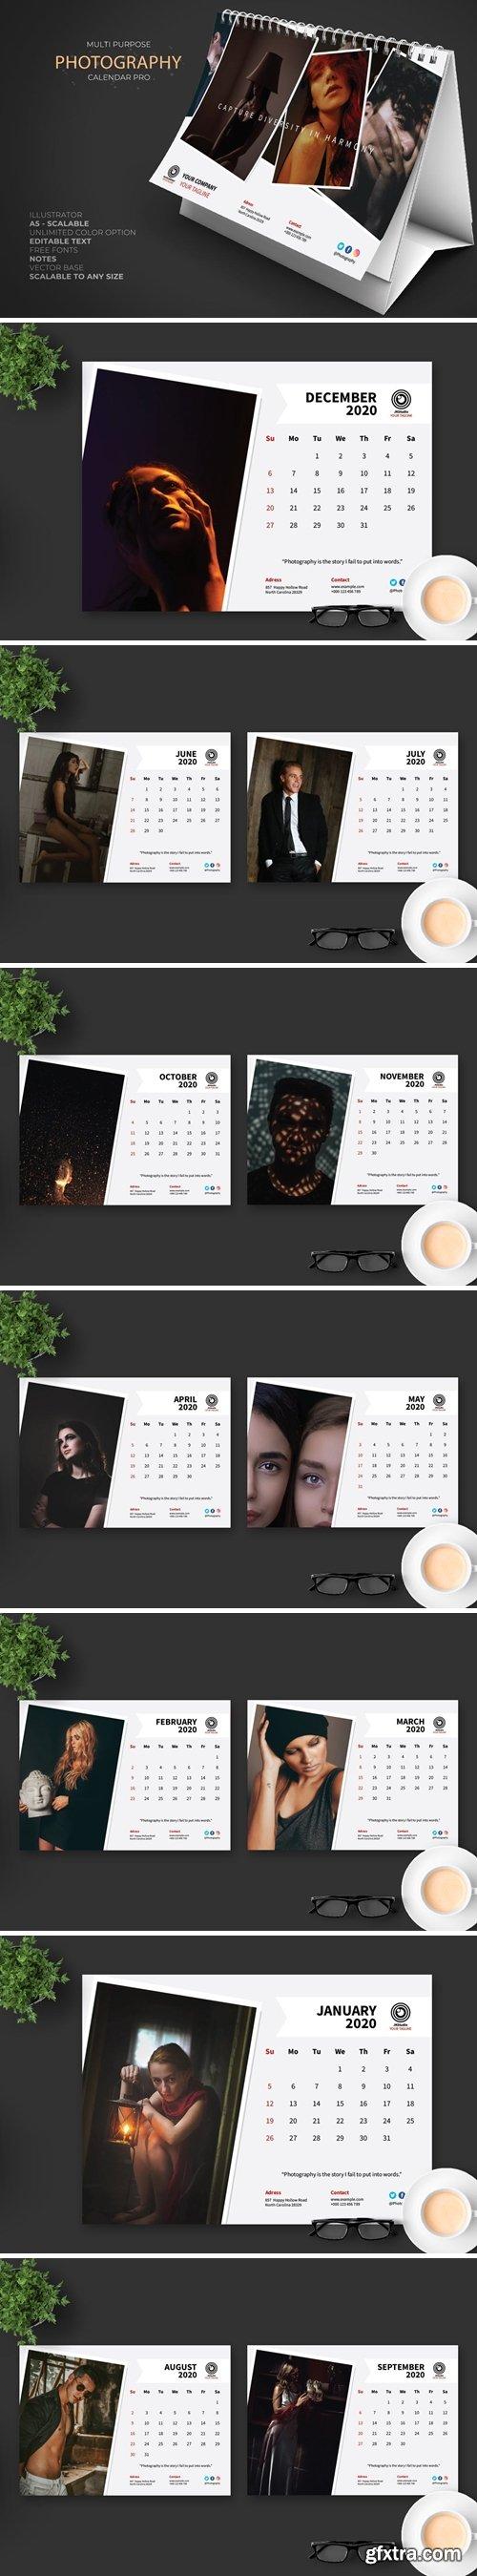 2020 Creative Photography Calendar Pro